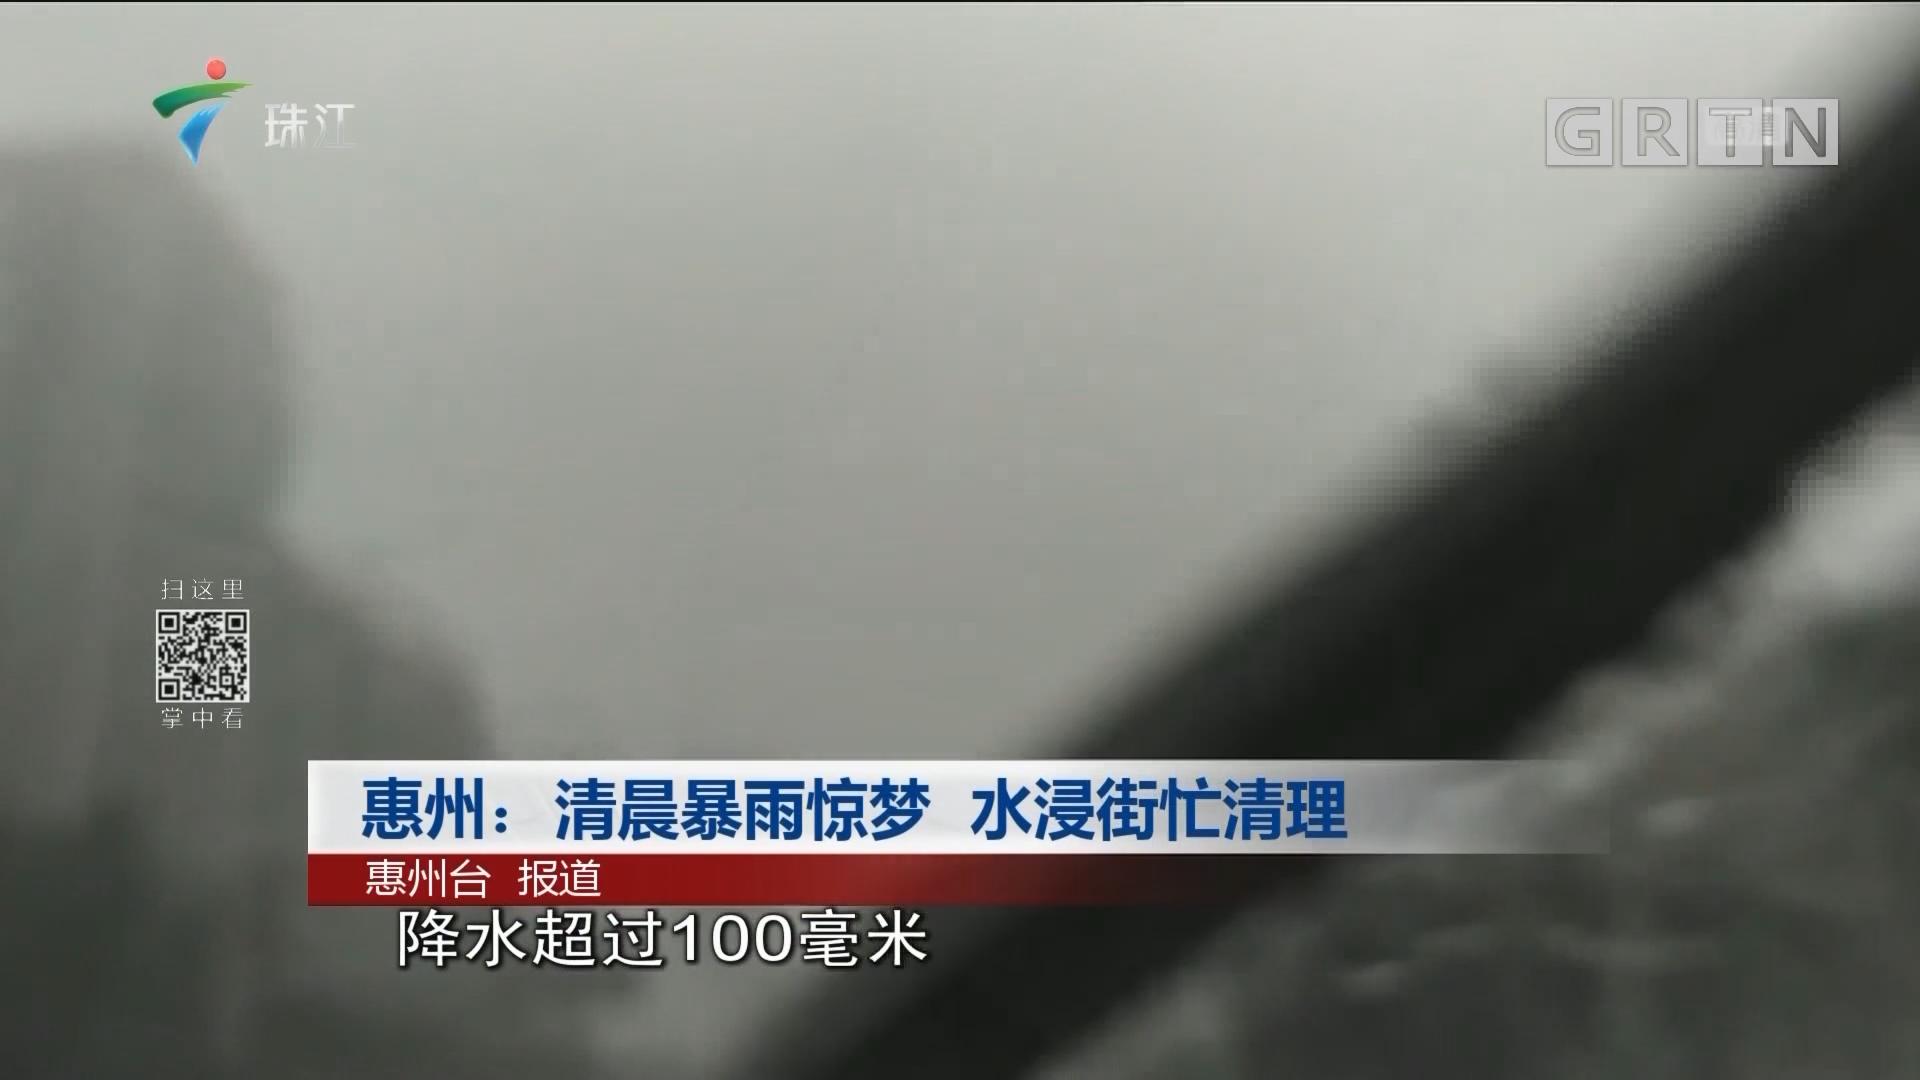 惠州:清晨暴雨惊梦 水浸街忙清理